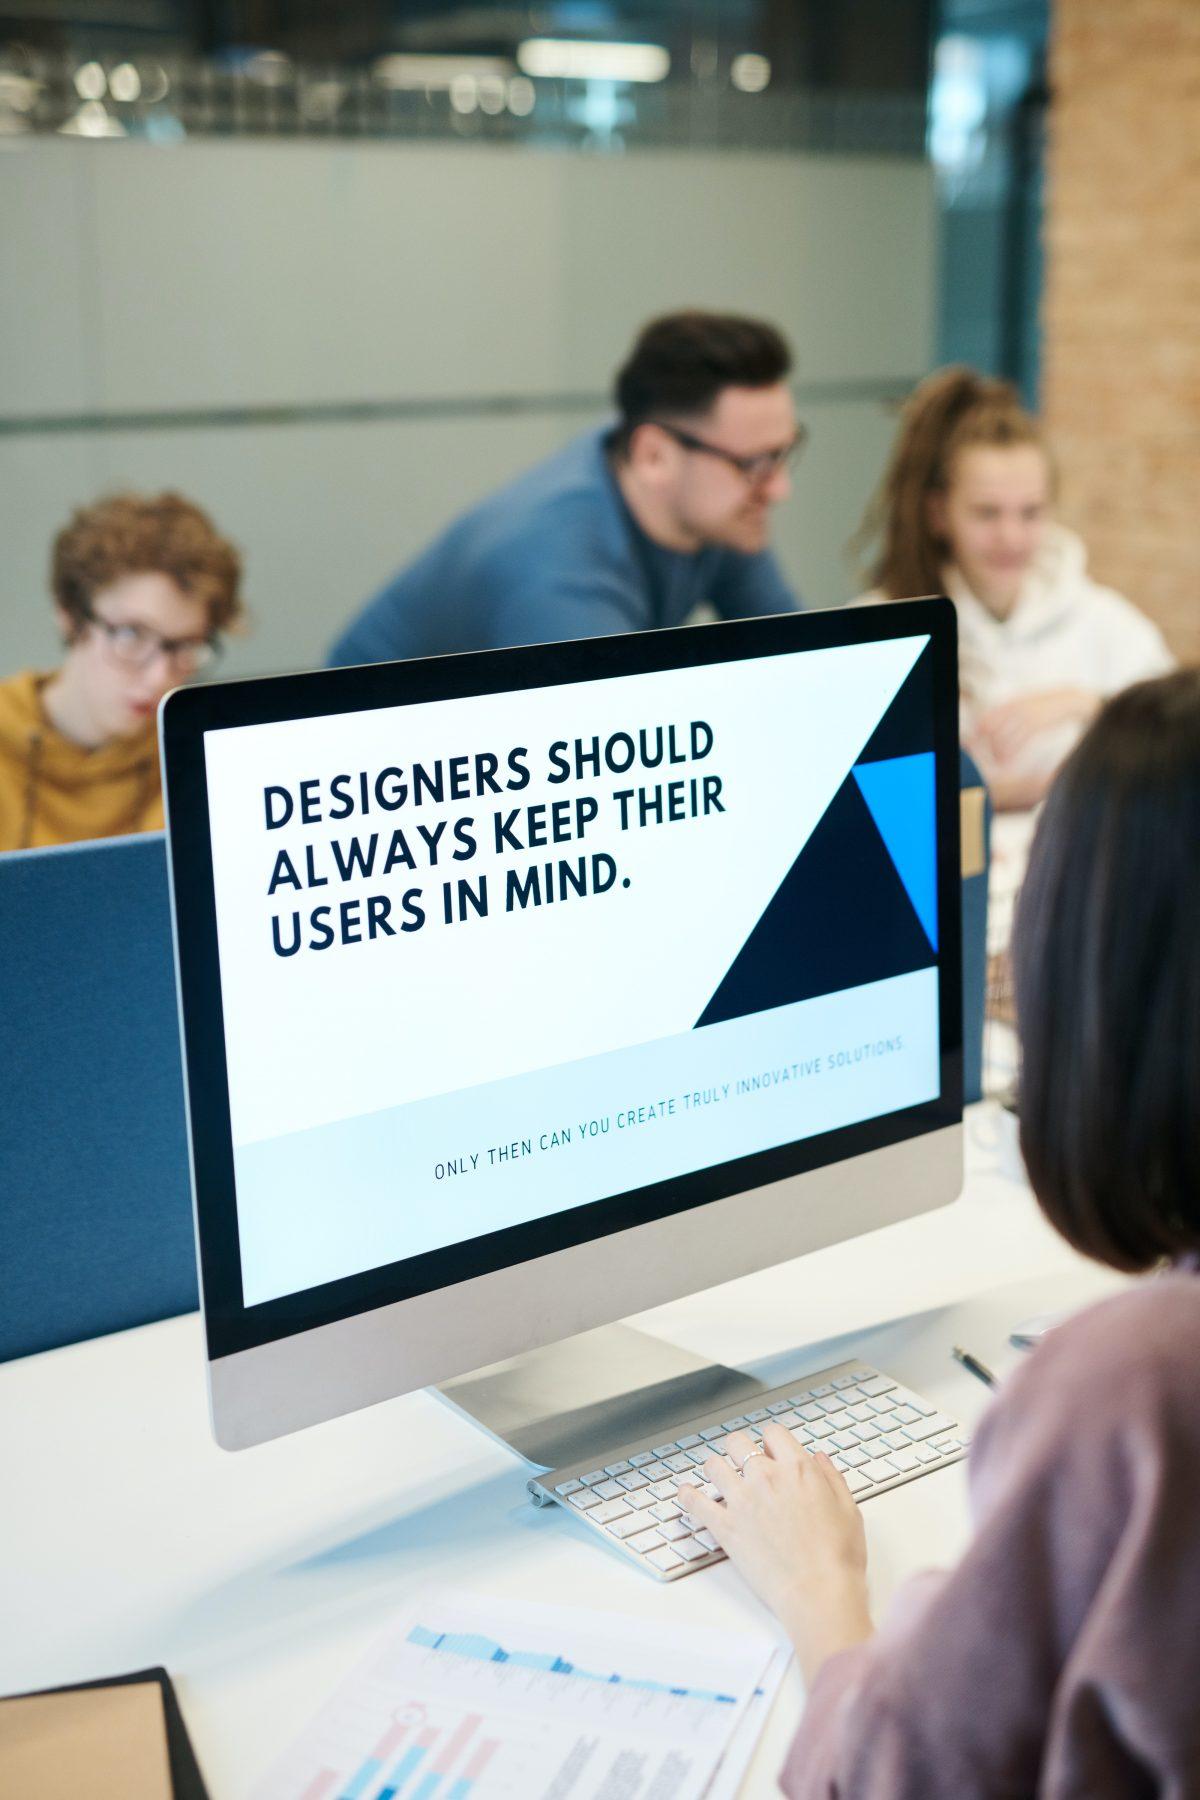 Mensen om een beeldscherm met 'Designers should always keep their users in mind' - credits: Fauxels via Pexels.com